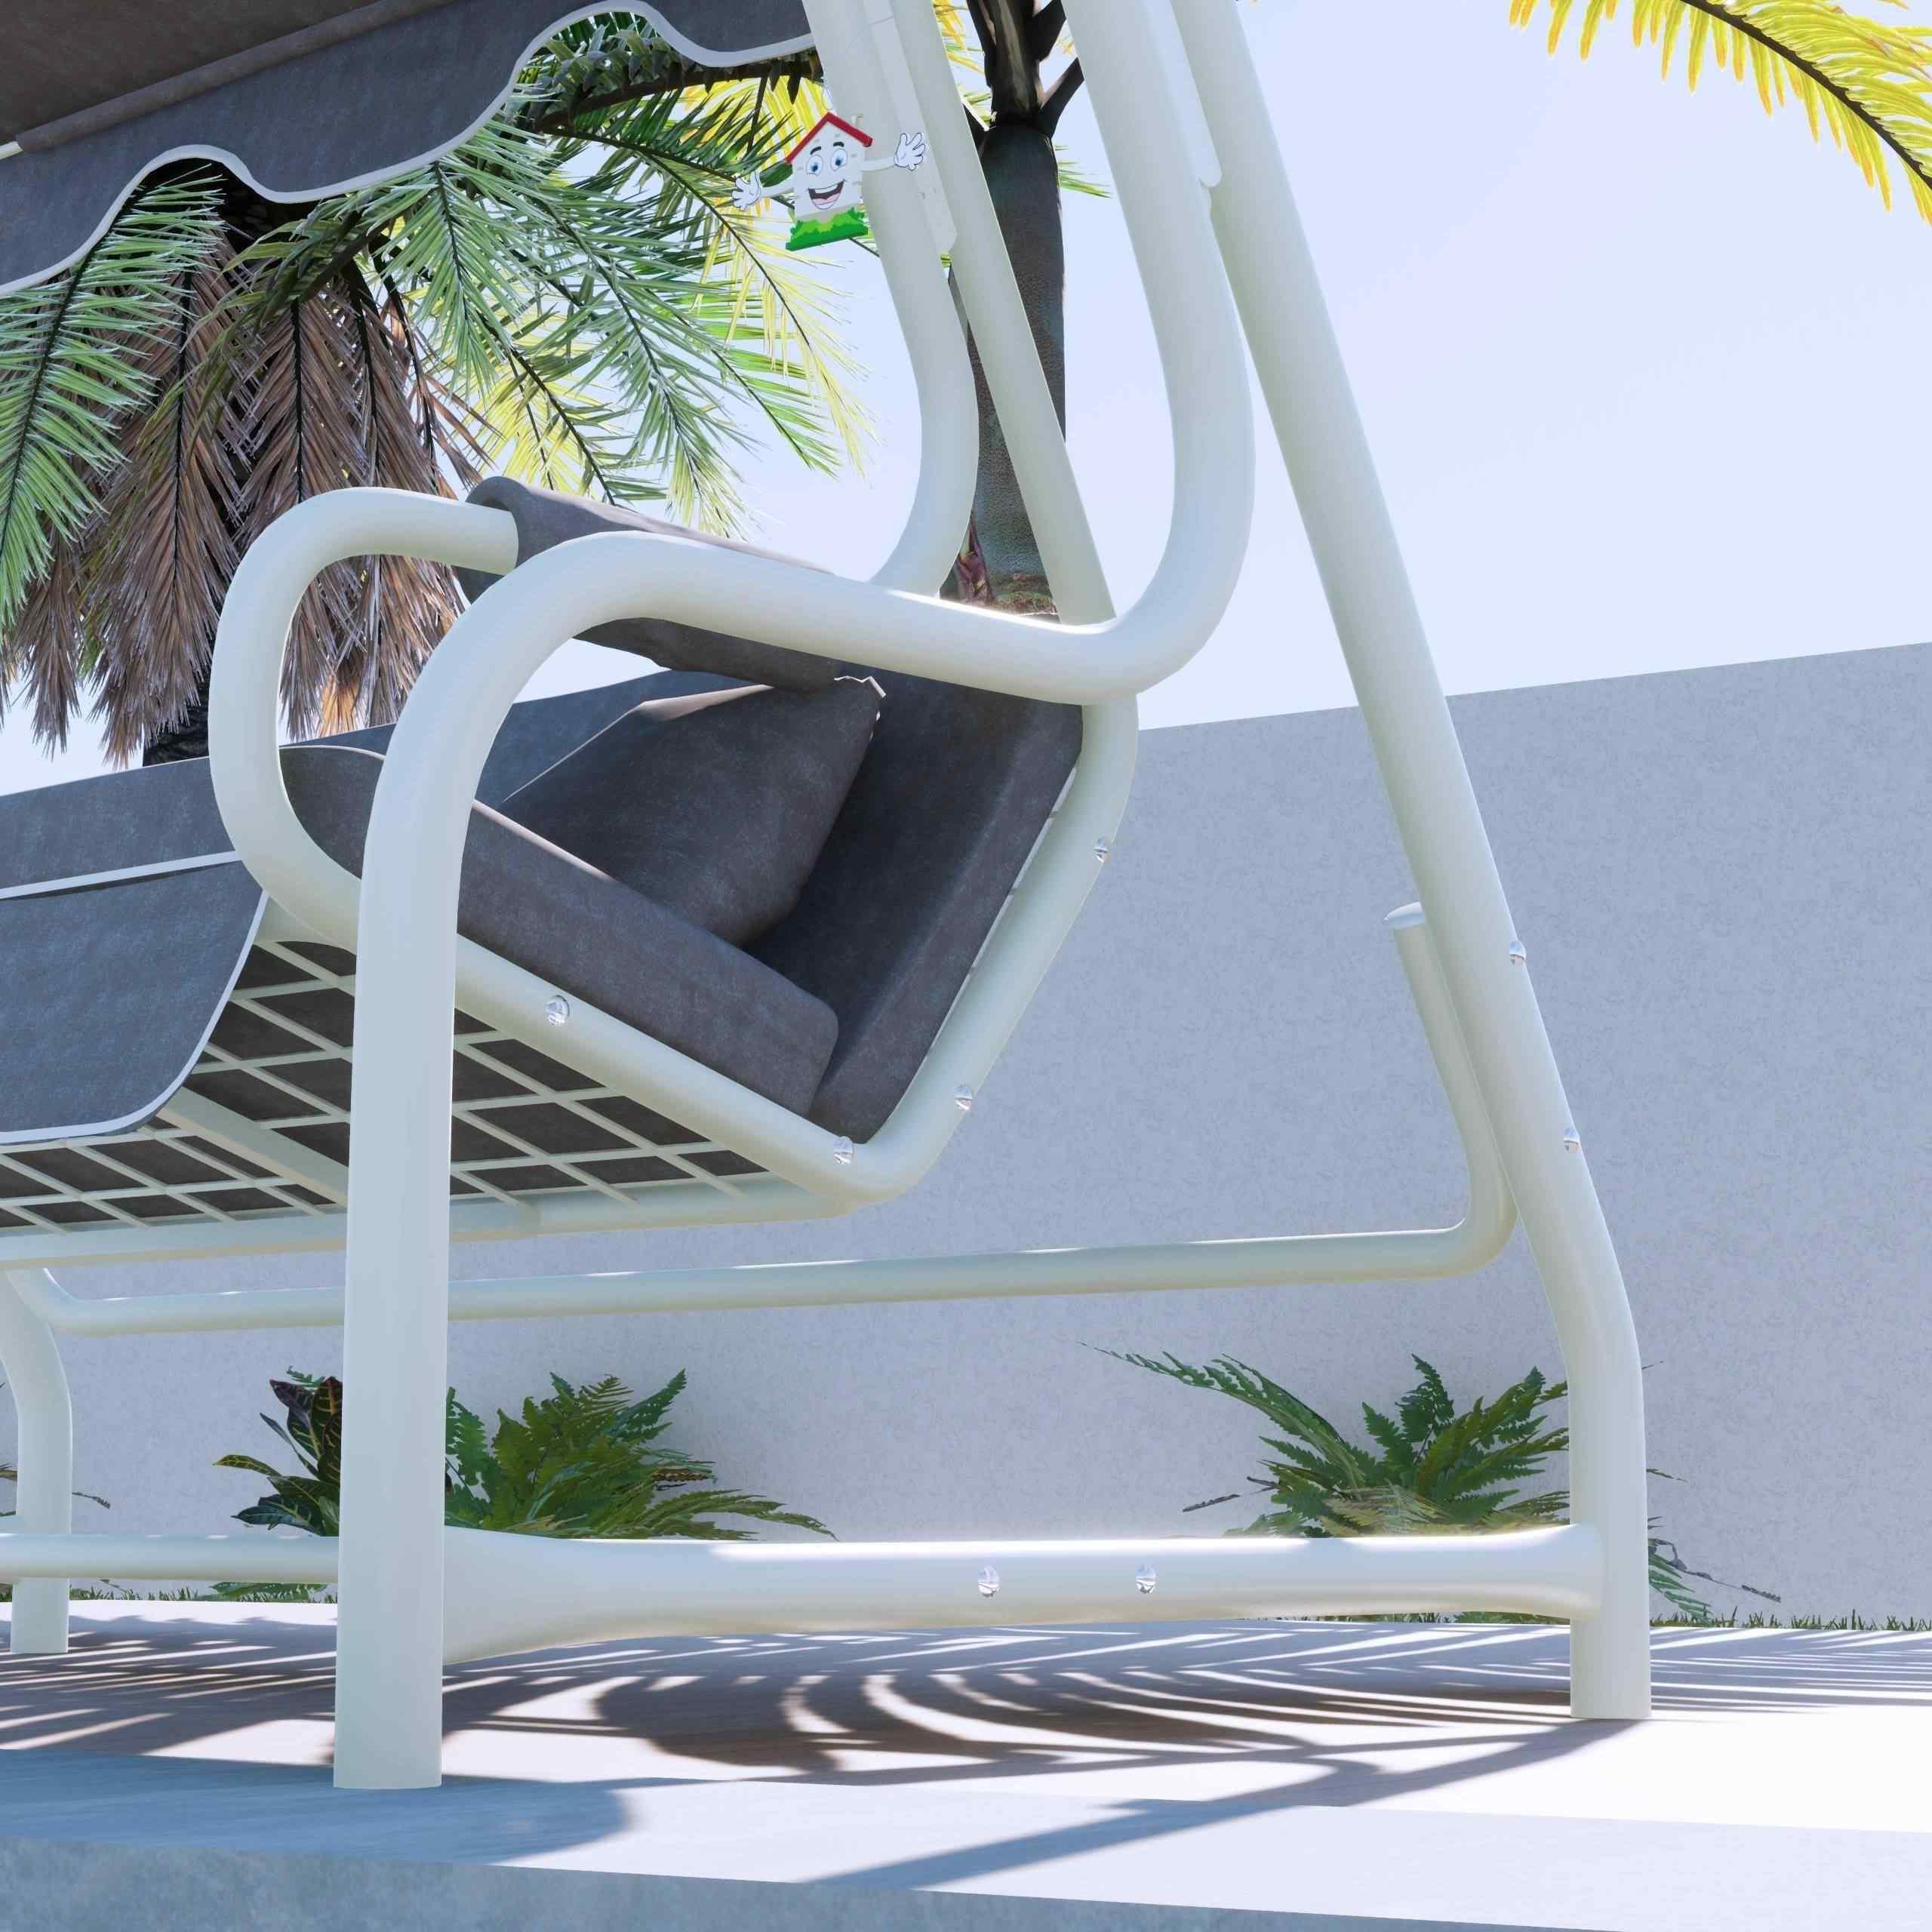 Maystro Görece 3 Kişilik Bahçe Salıncağı Balkon Salıncak 200 cm